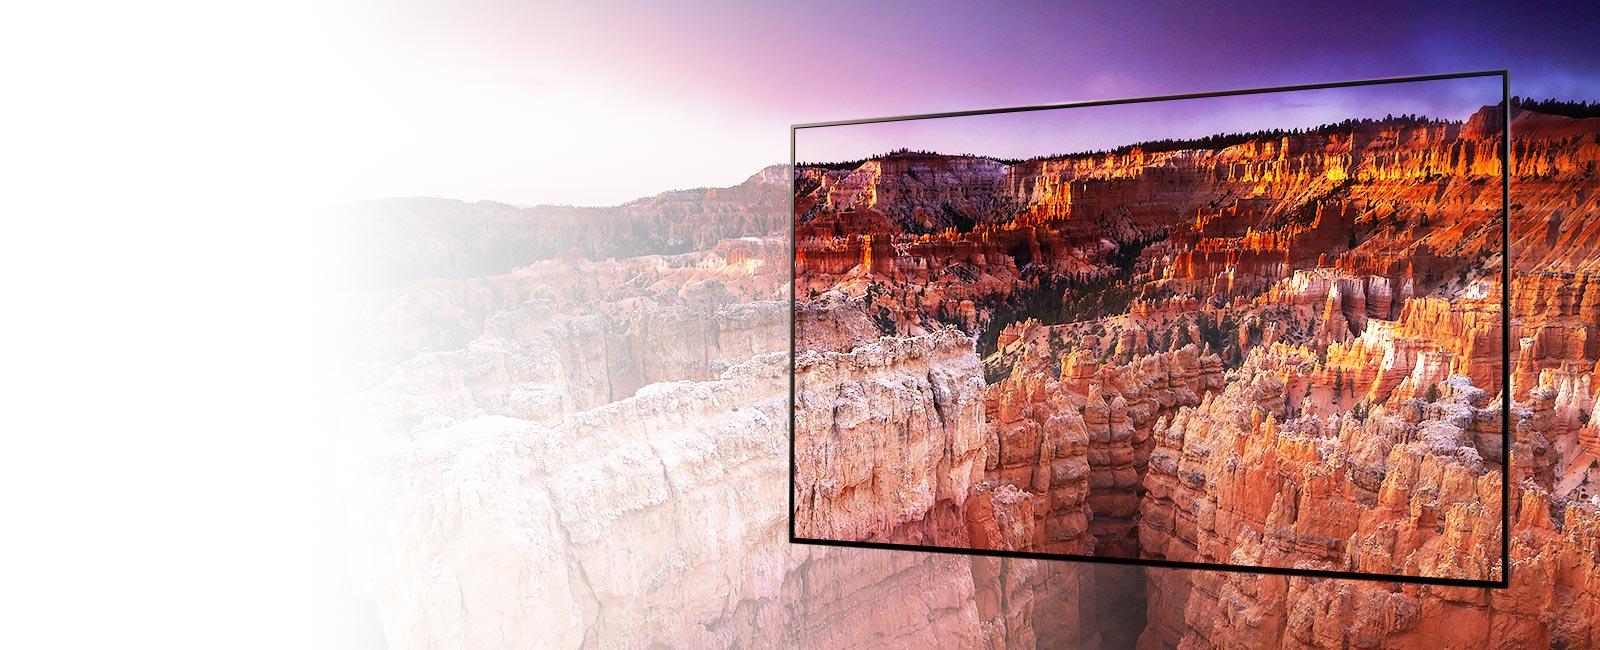 Узнайте больше о надежности LG OLED1